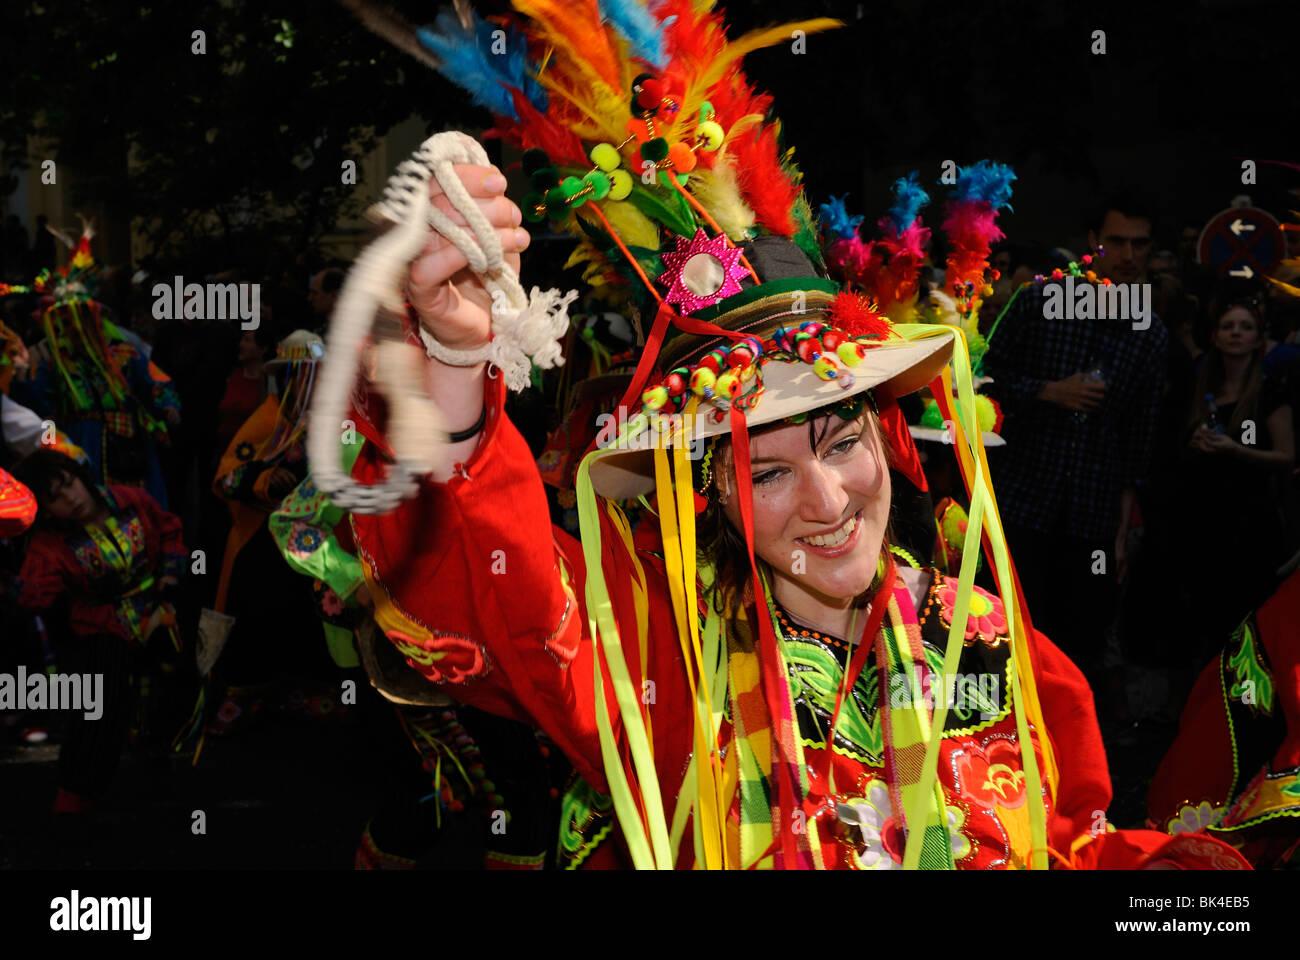 Karneval der Kulturen, Karneval der Kulturen, berühmte jährliche Straßenparade am Pfingstwochenende, Stockbild